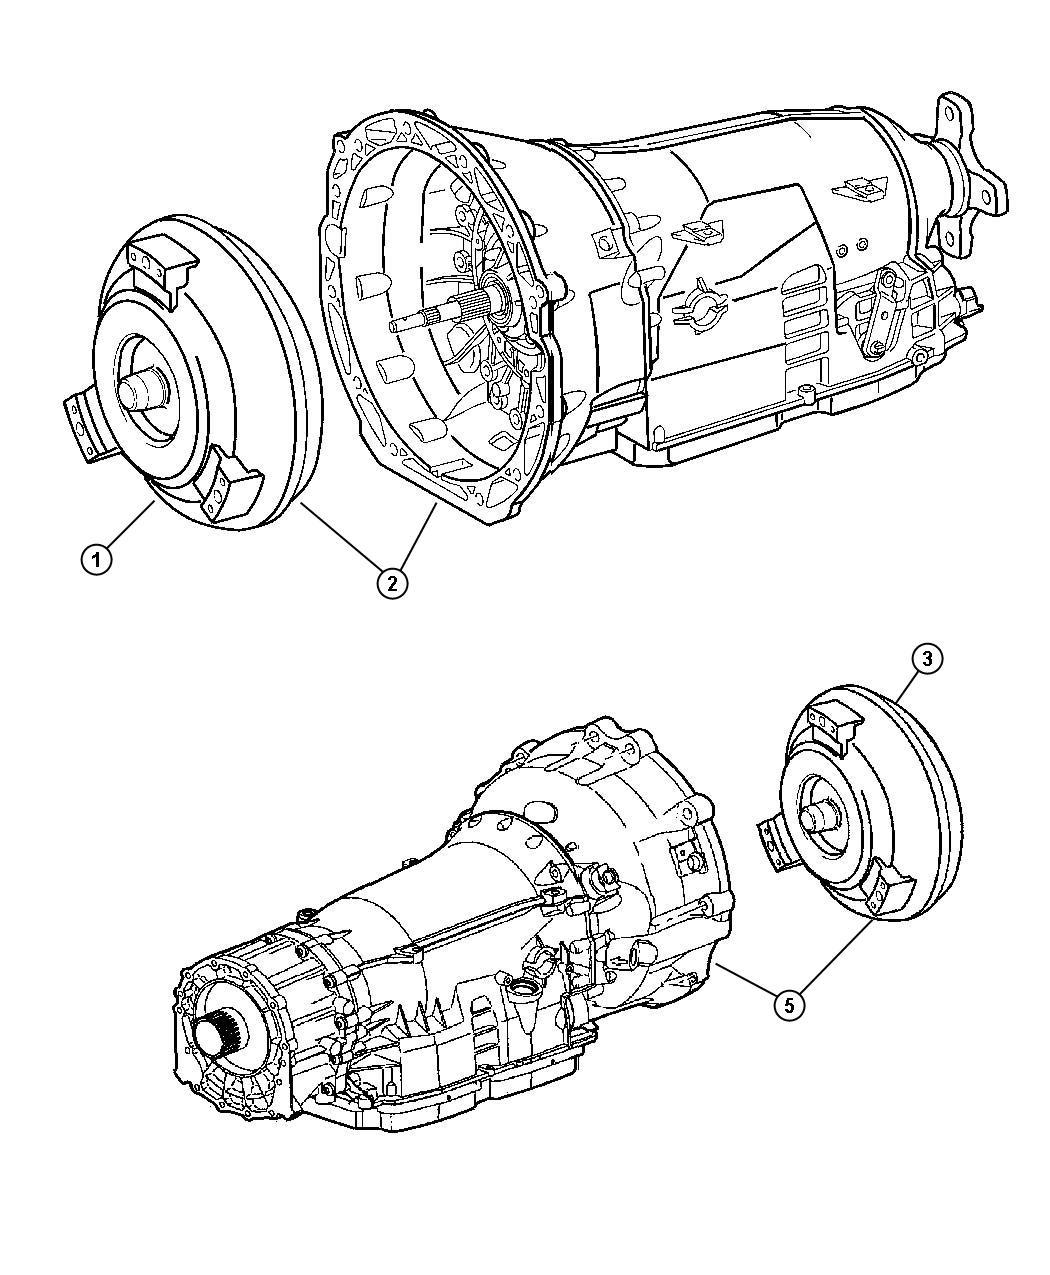 wiring diagram database  tags: #1951 desoto hemi engine#desoto hemi intake# desoto firedome engine#1954 desoto firedome interior#chrysler hemi  engine#392